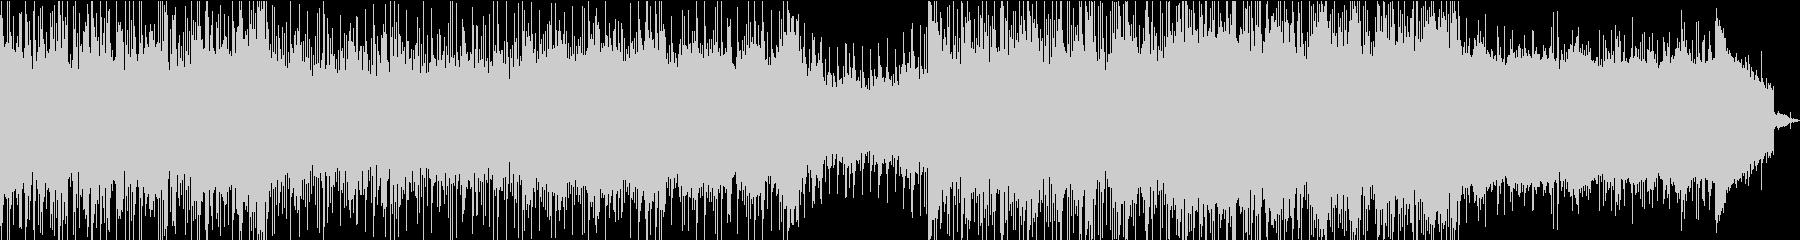 テクノで技術のある曲の未再生の波形